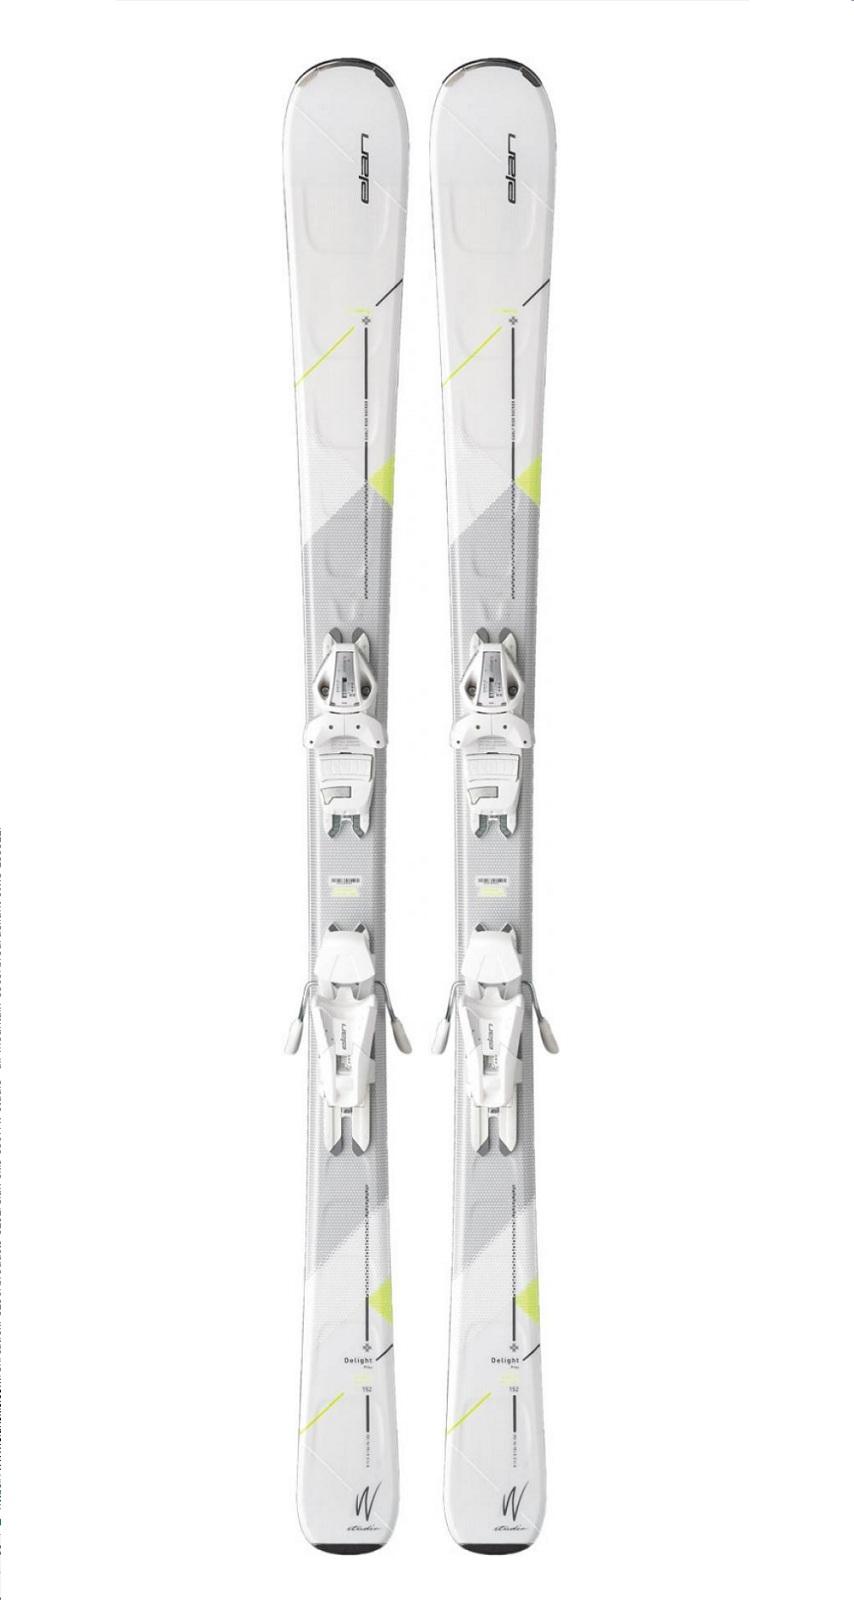 Горные лыжи с креплениями Elan 2016-17 DELIGHT STYLE LS ELW9.0